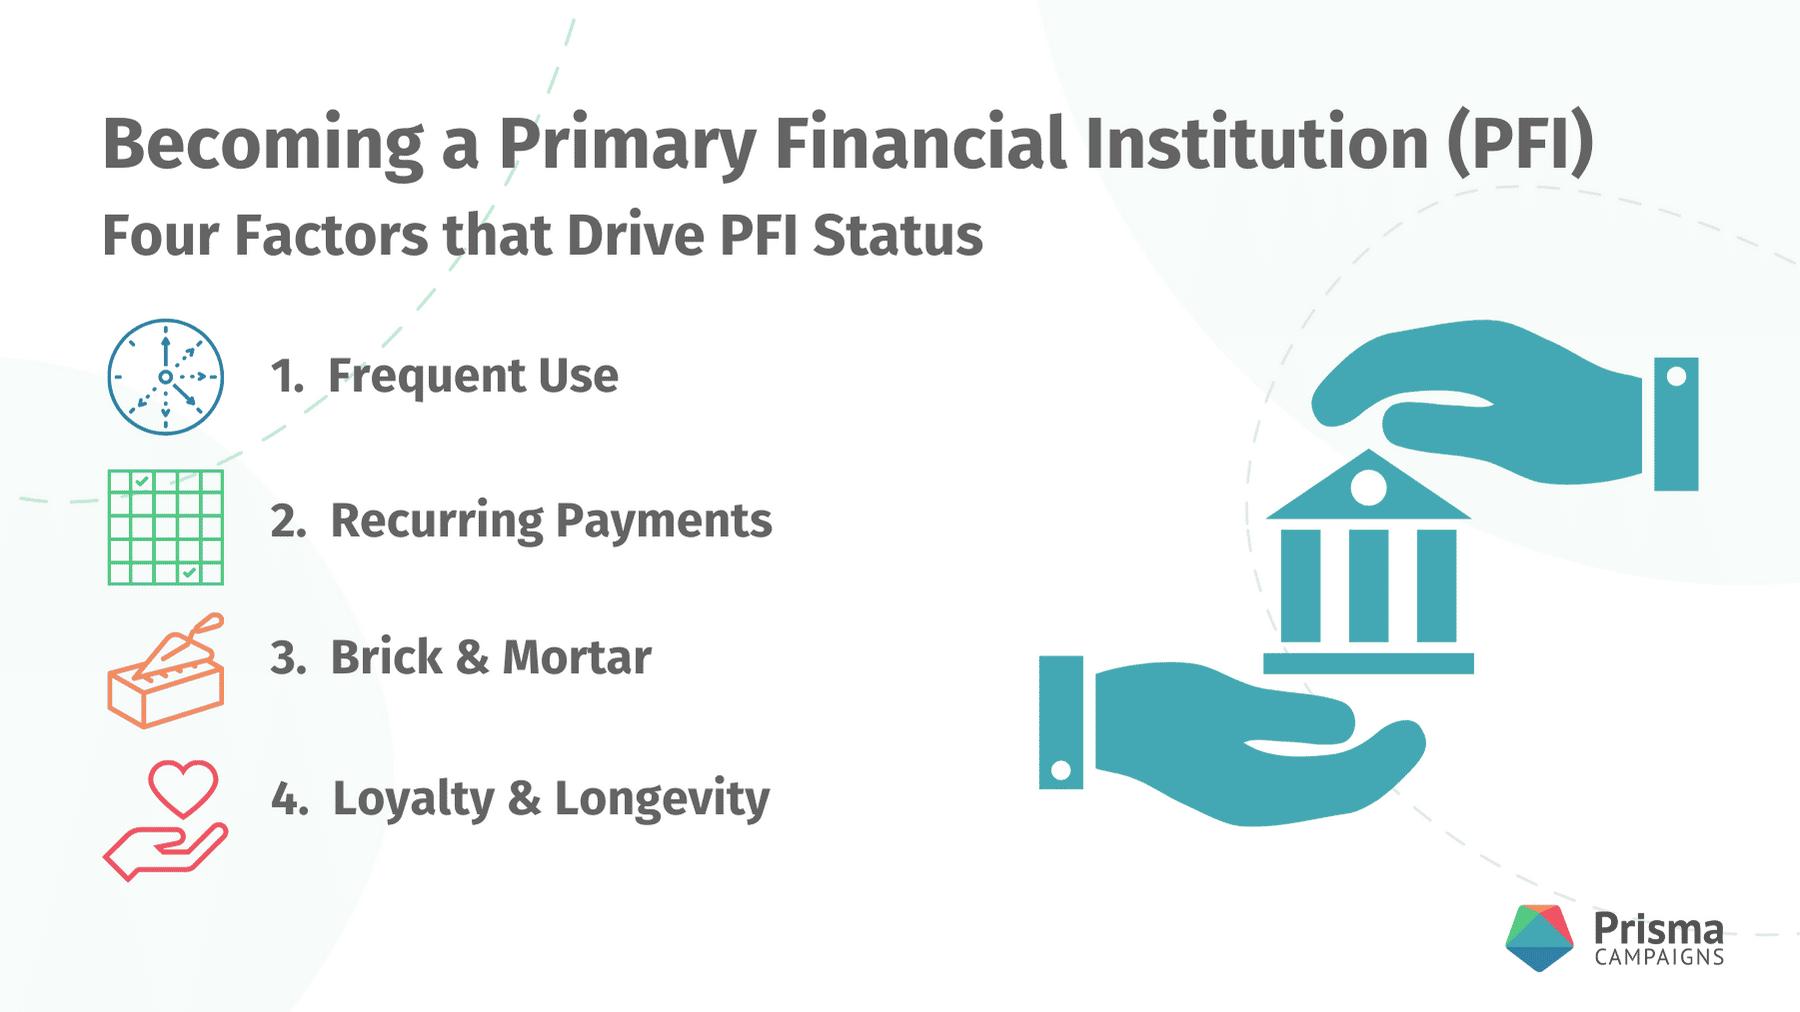 Factors that Drive PFI Status